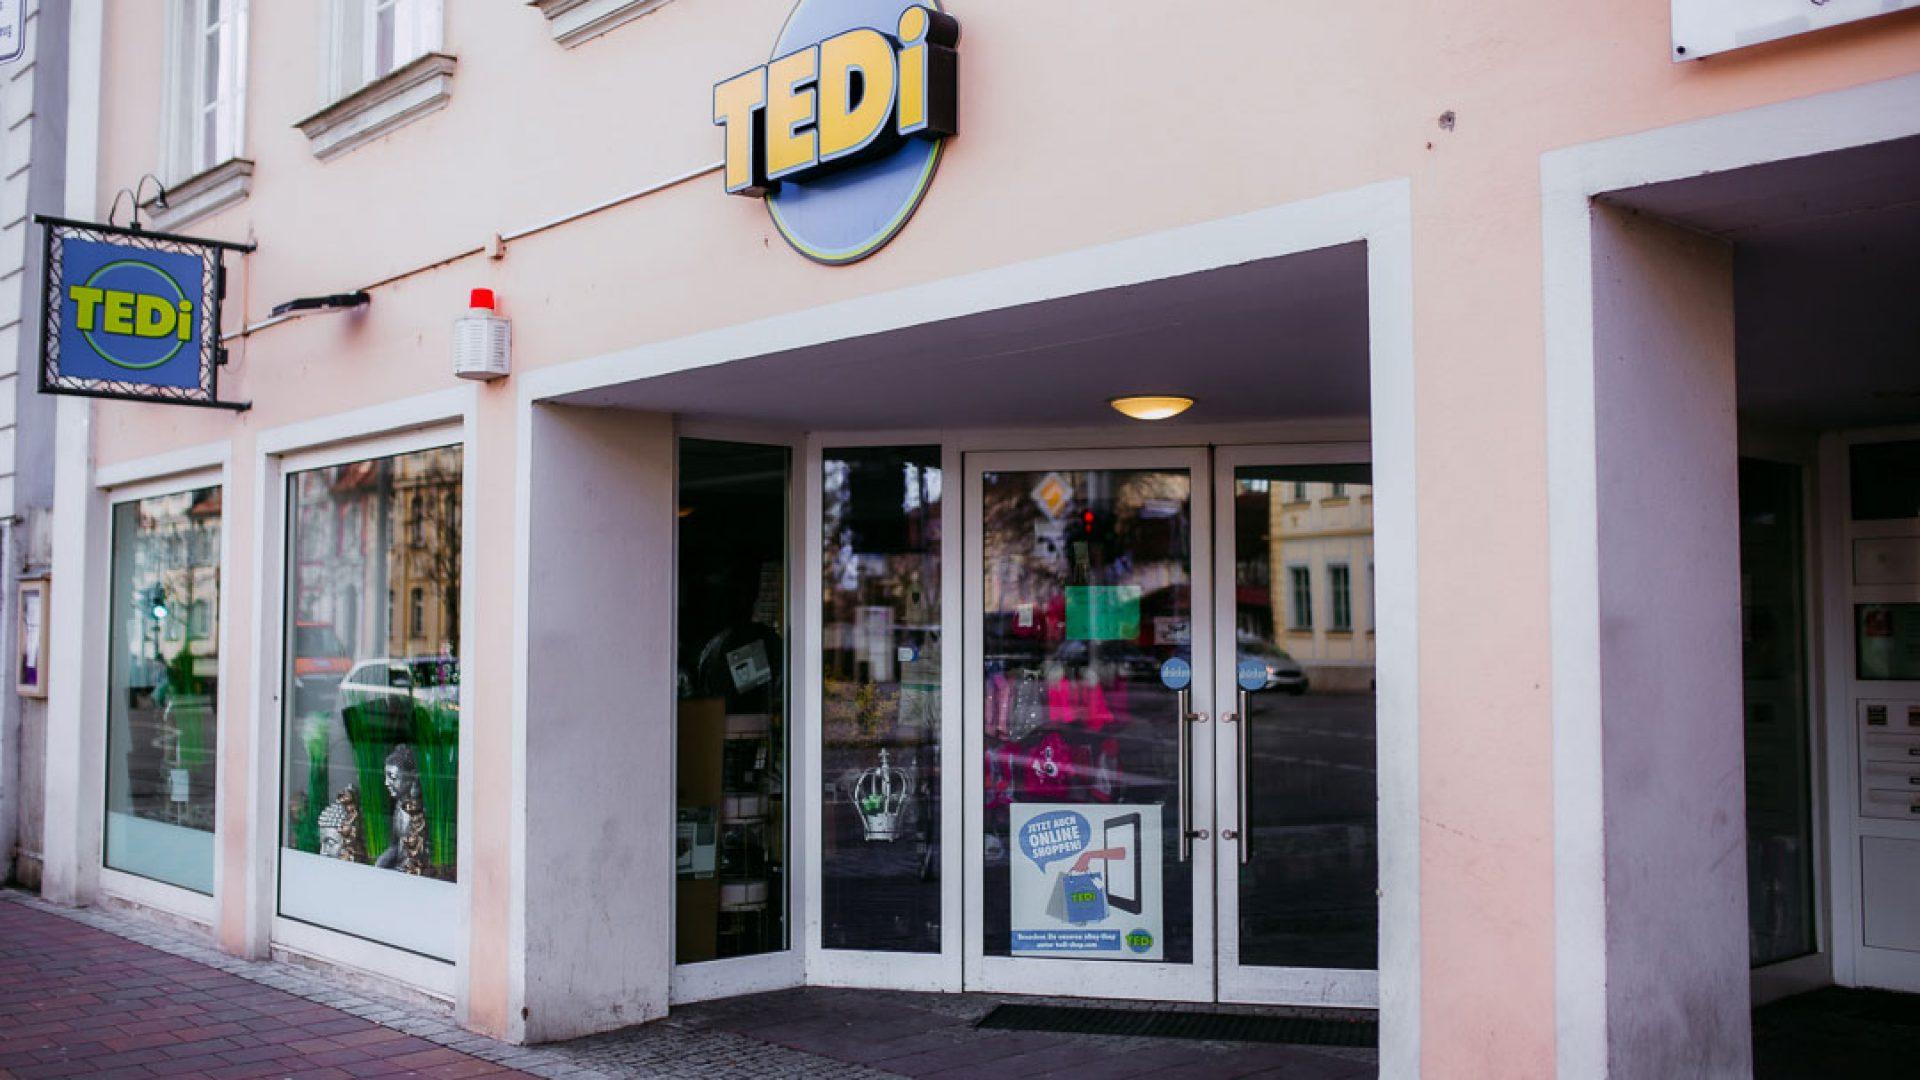 Einkaufen-in-Ansbach-Tedi